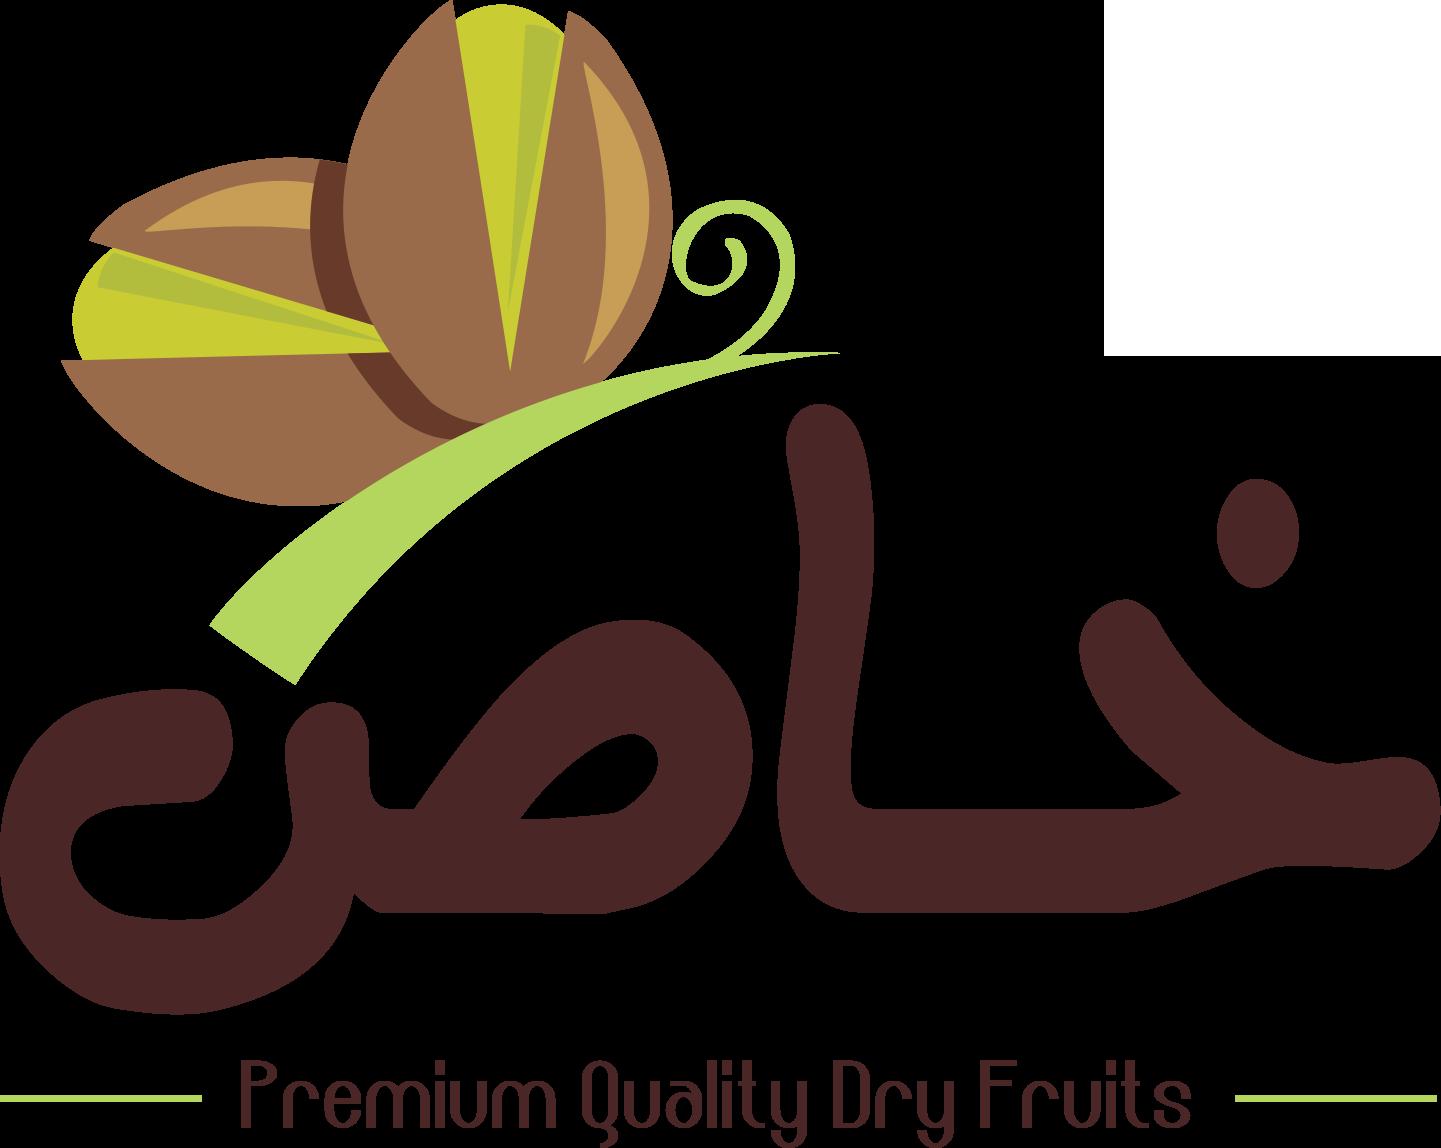 Khaas Dryfruits